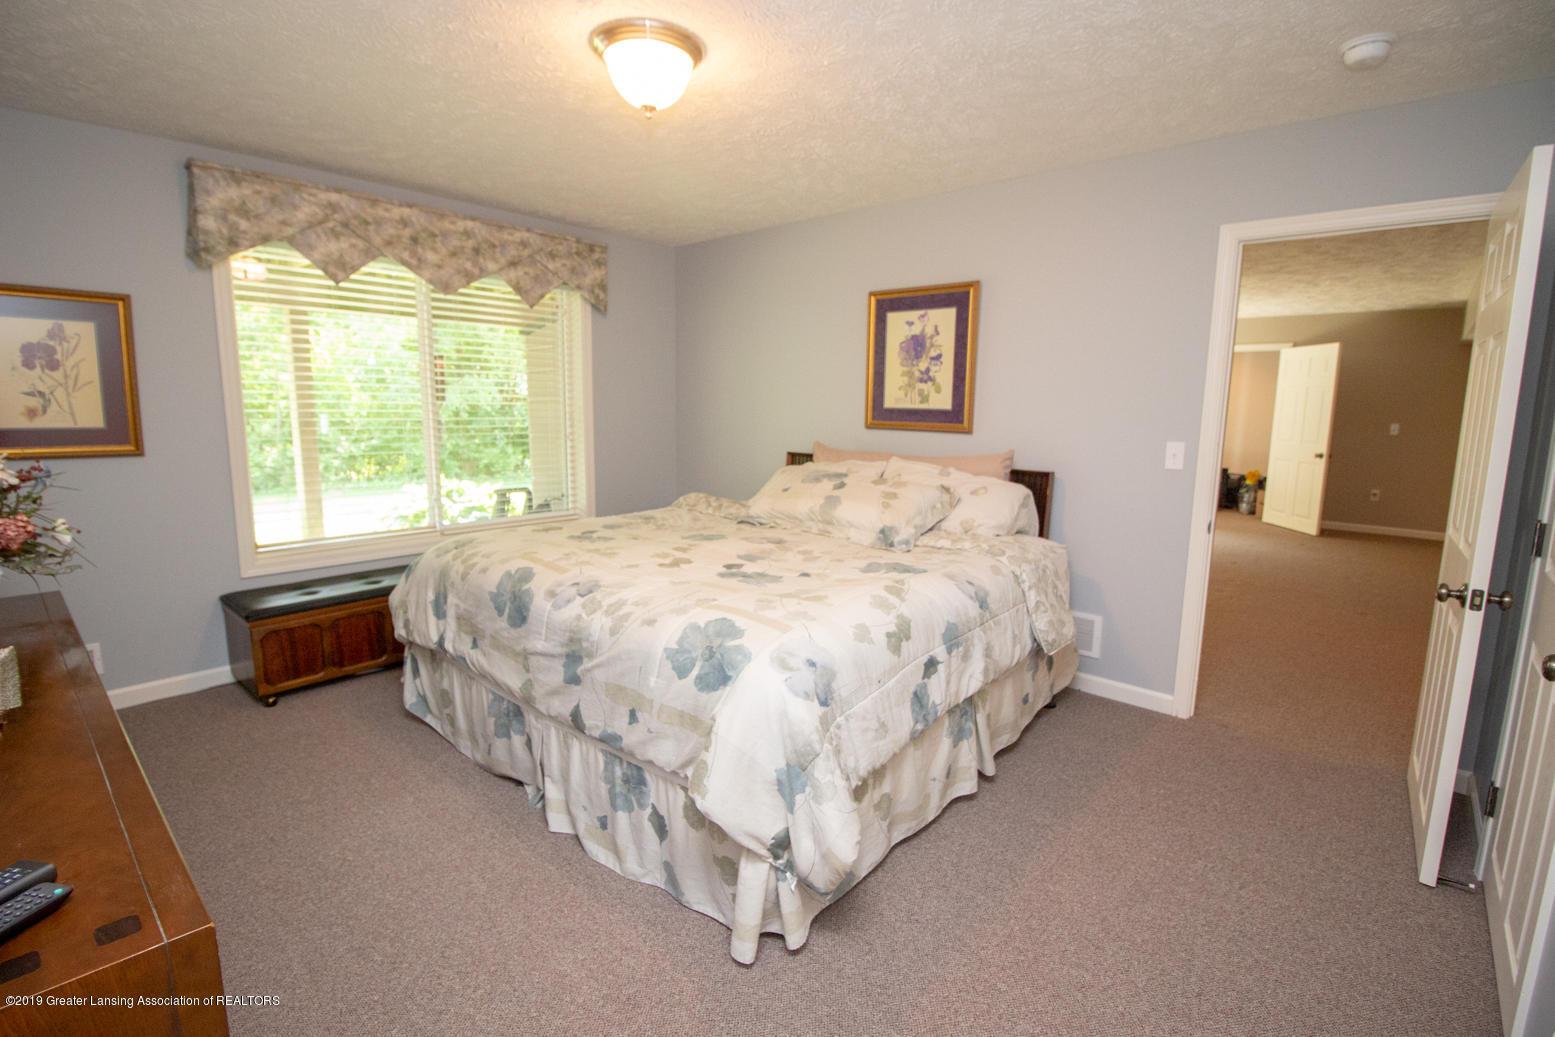 2034 Wovenheart Dr - Bedroom 2 - 26